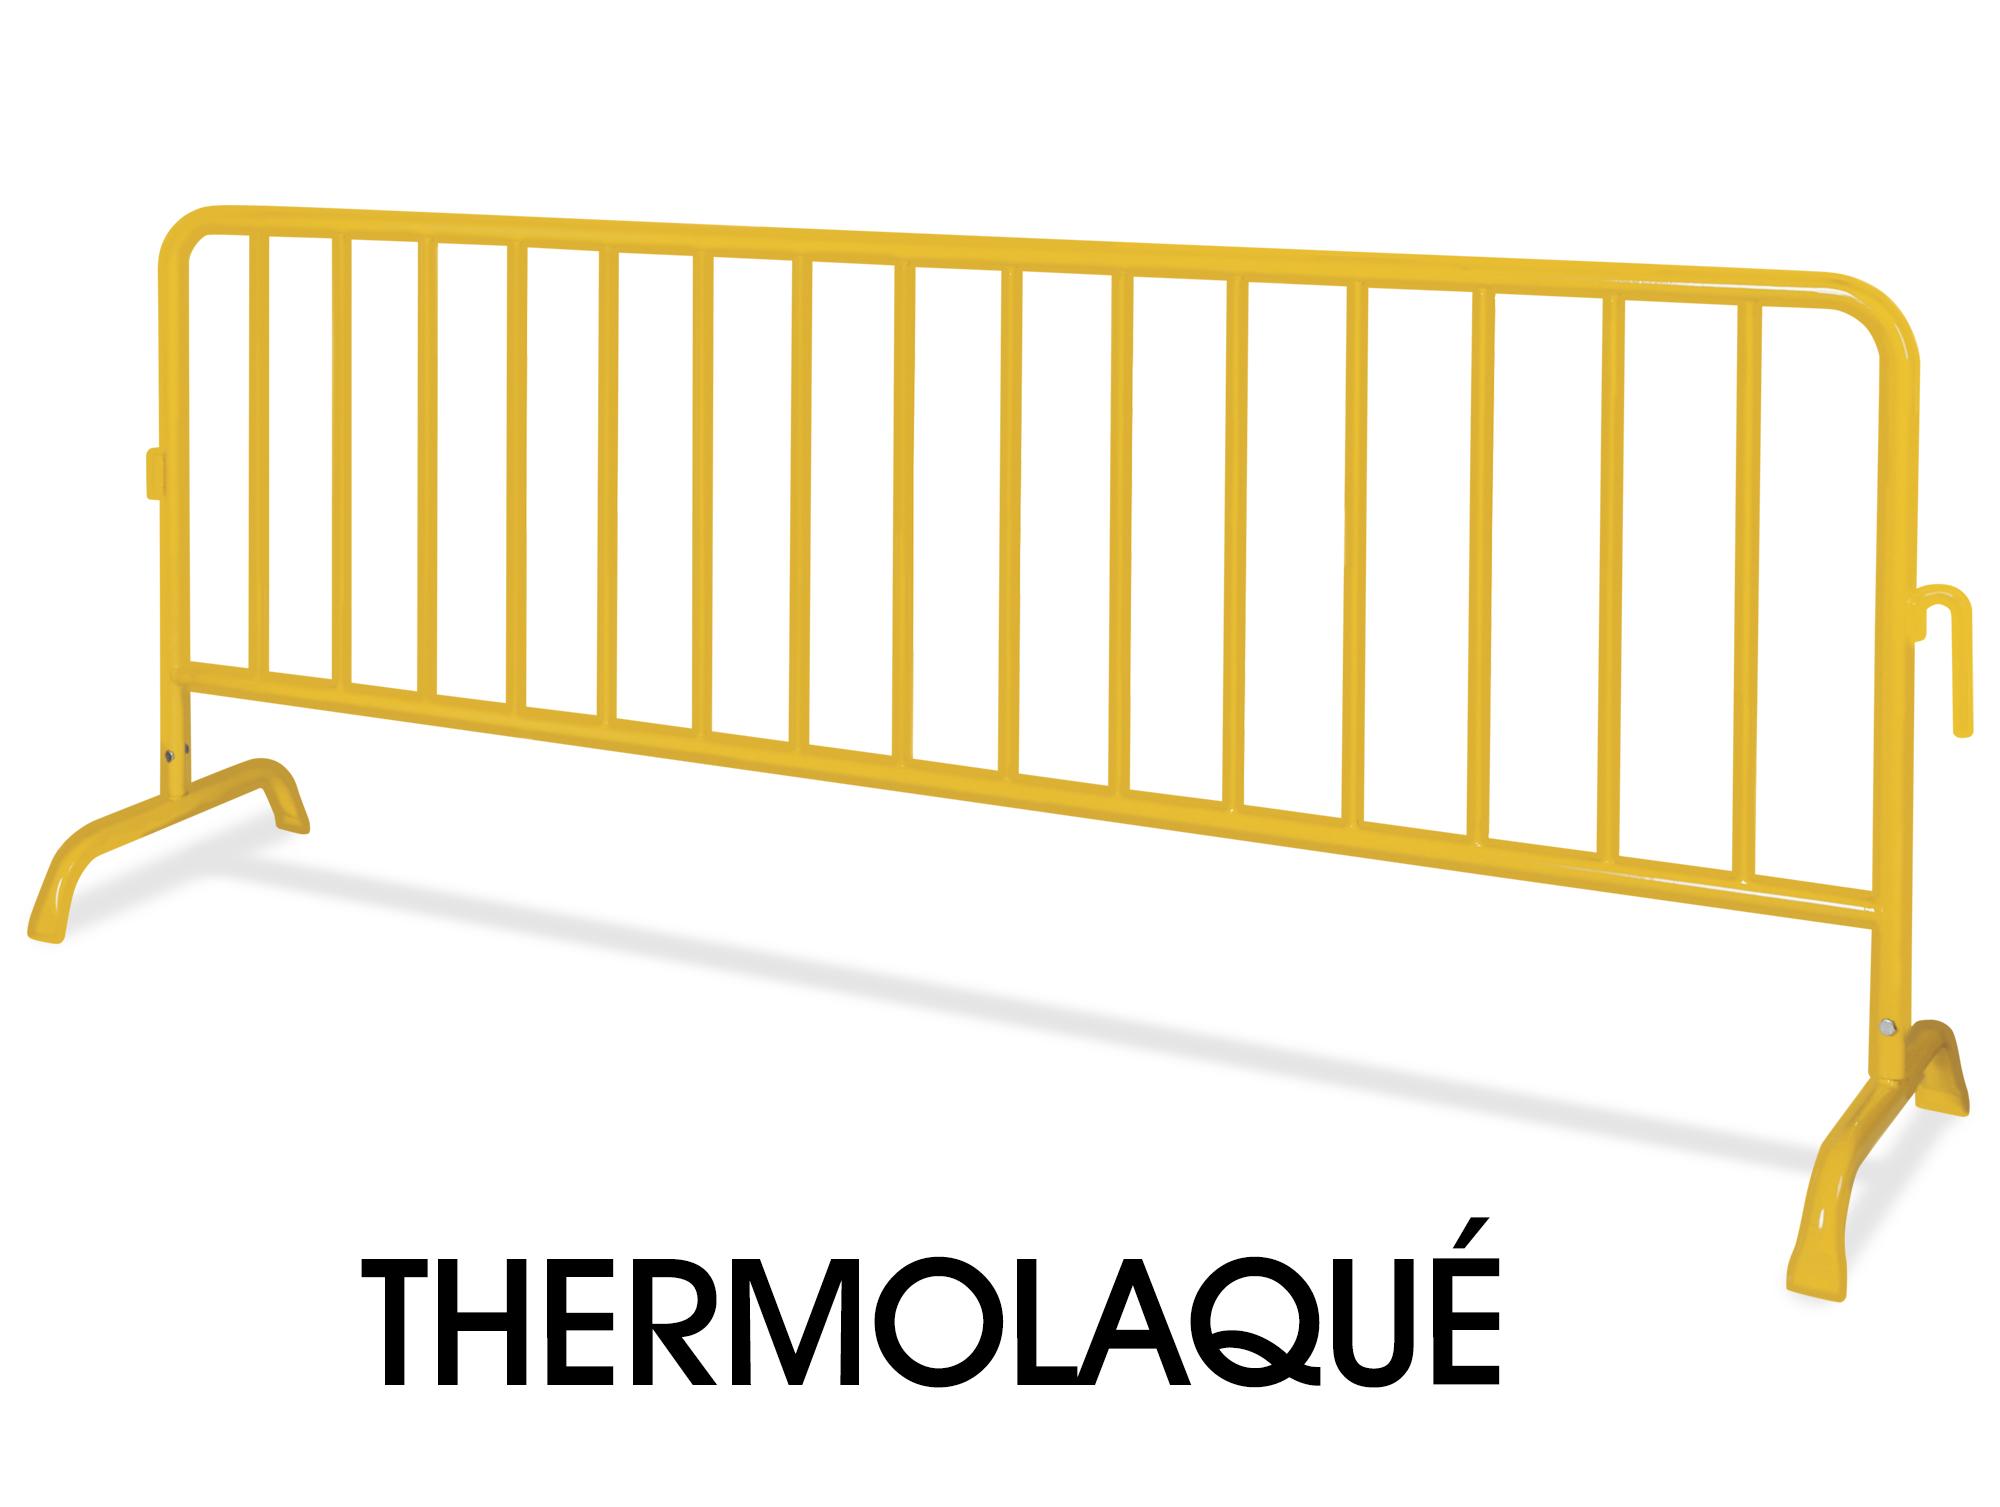 Thermolaqué